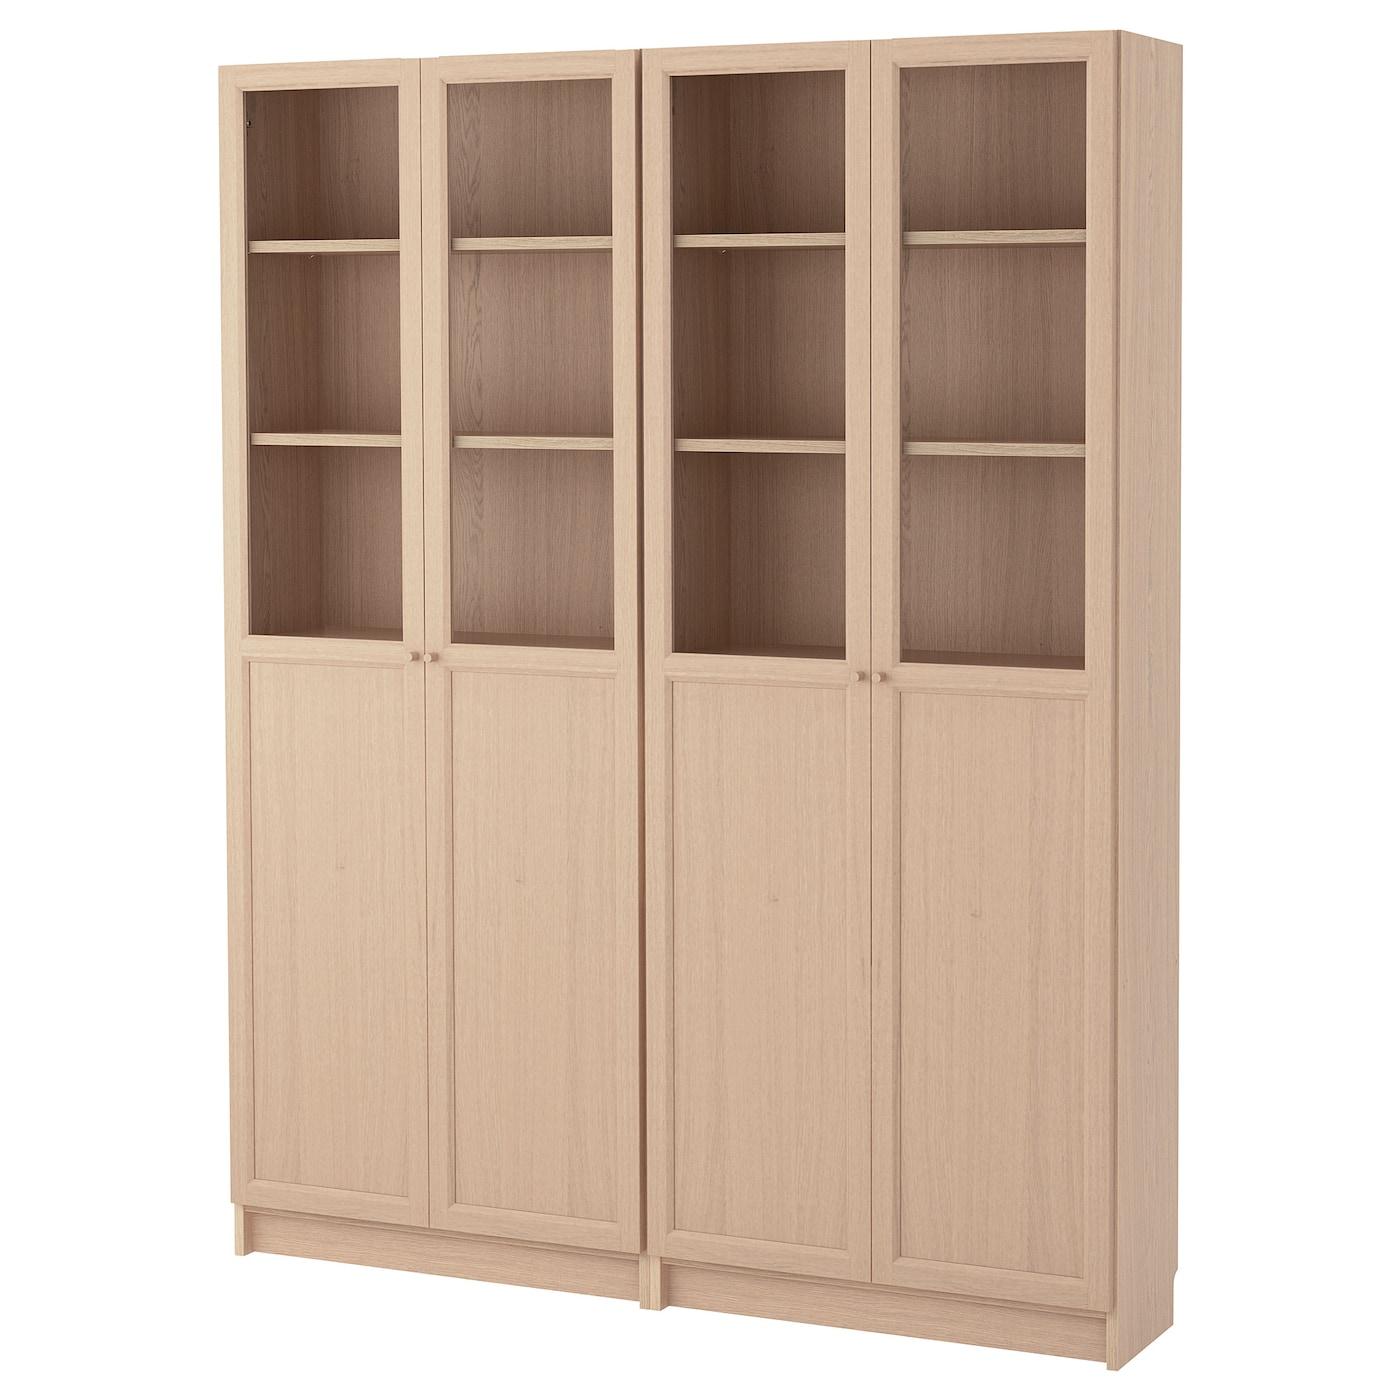 ikea billyoxberg boekenkastcombi m deuren verstelbare planken naar behoefte aan te passen